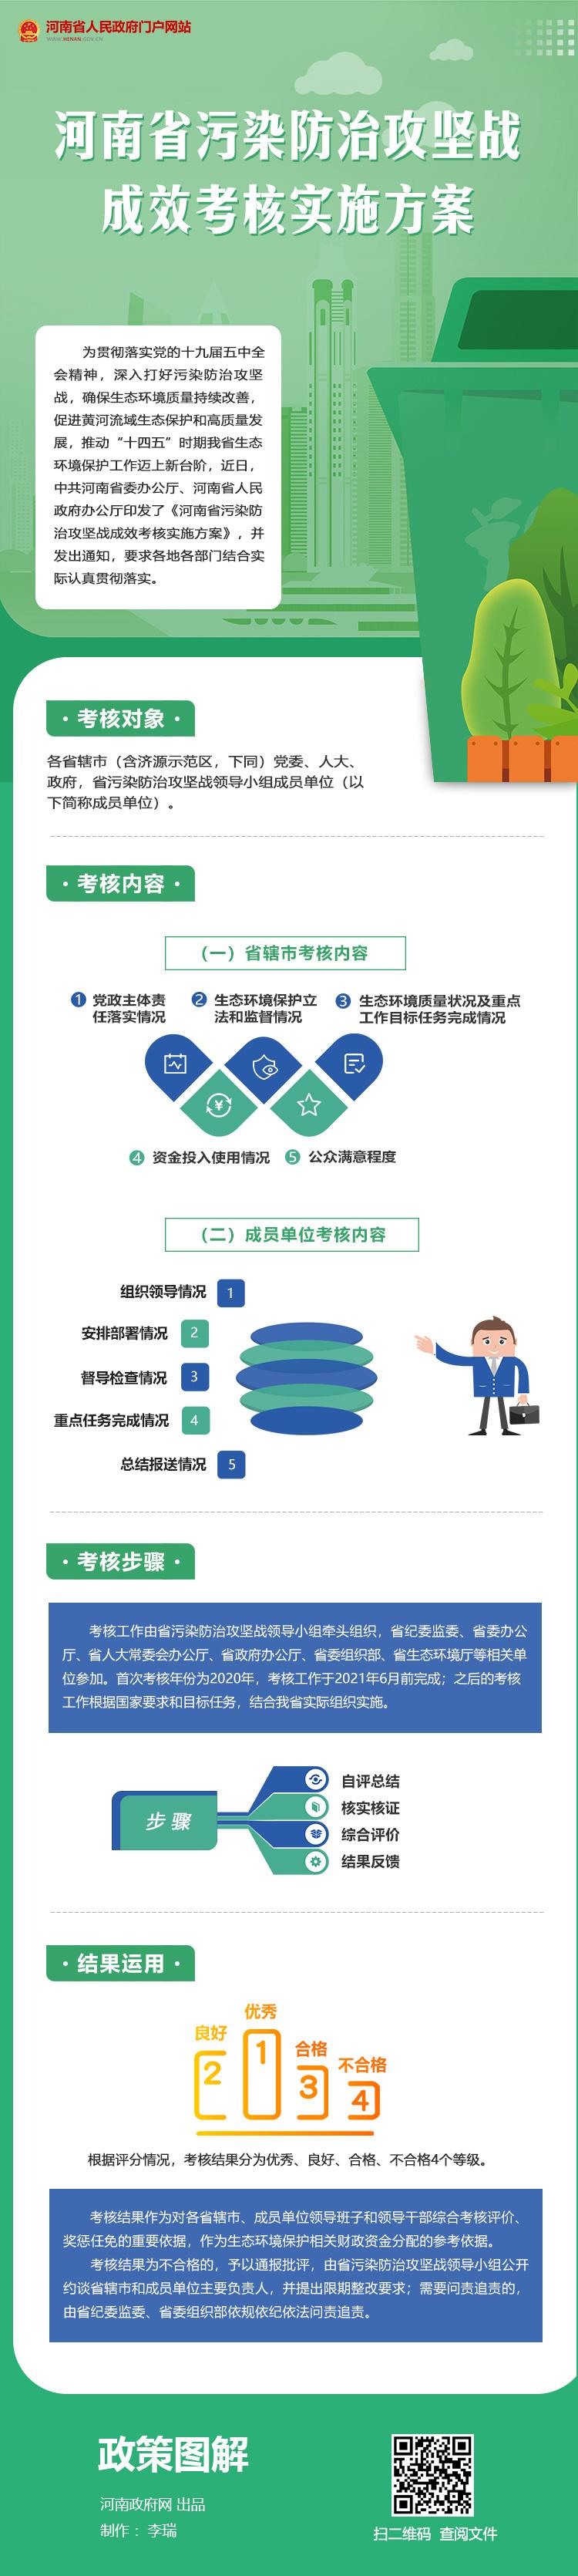 图解:河南省污染防治攻坚战成效考核实施方案